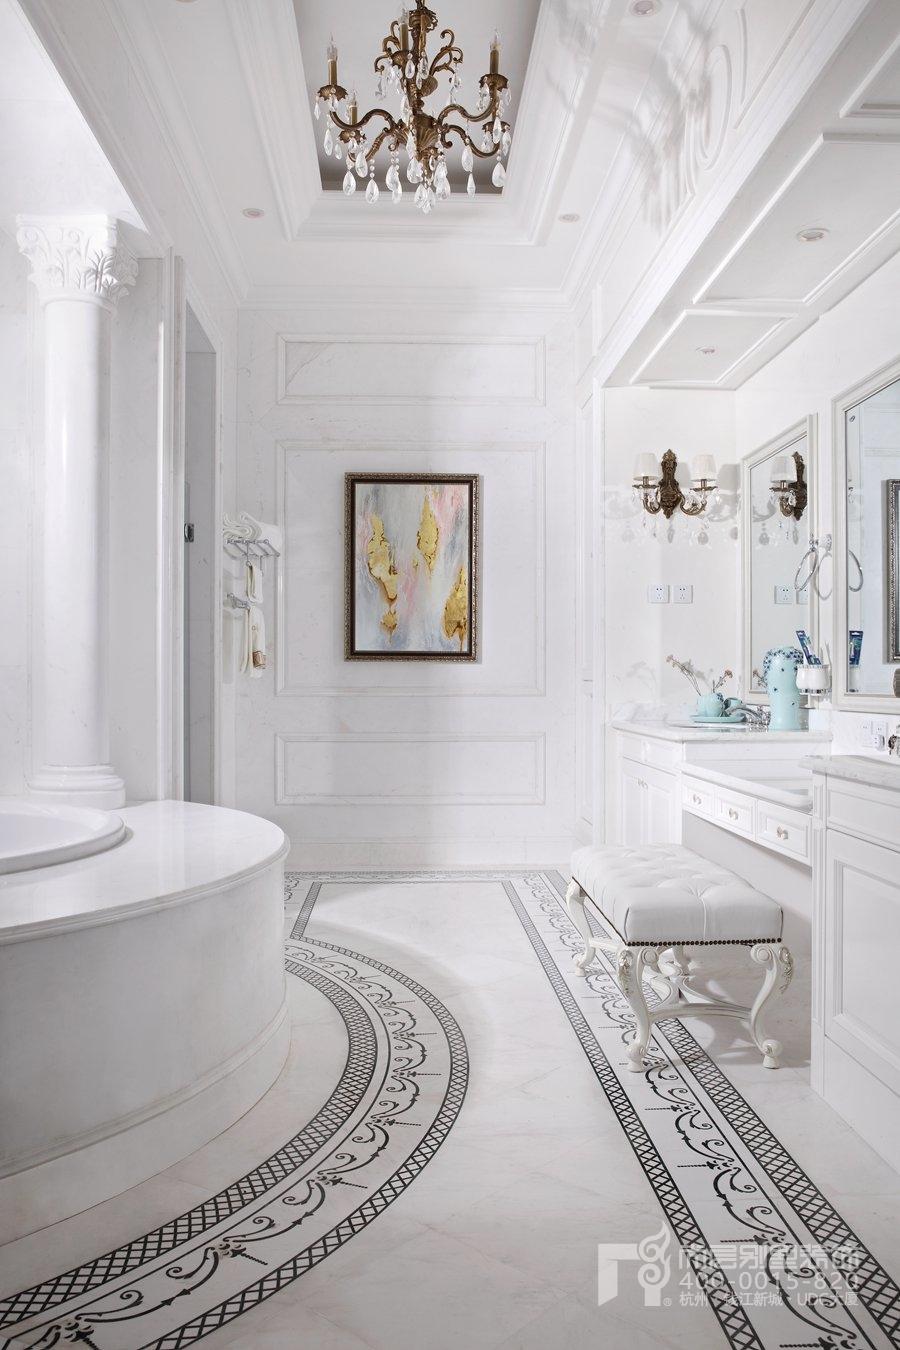 别墅设计师将卫浴间的干湿区域划分明显,最大限度的方便使用者